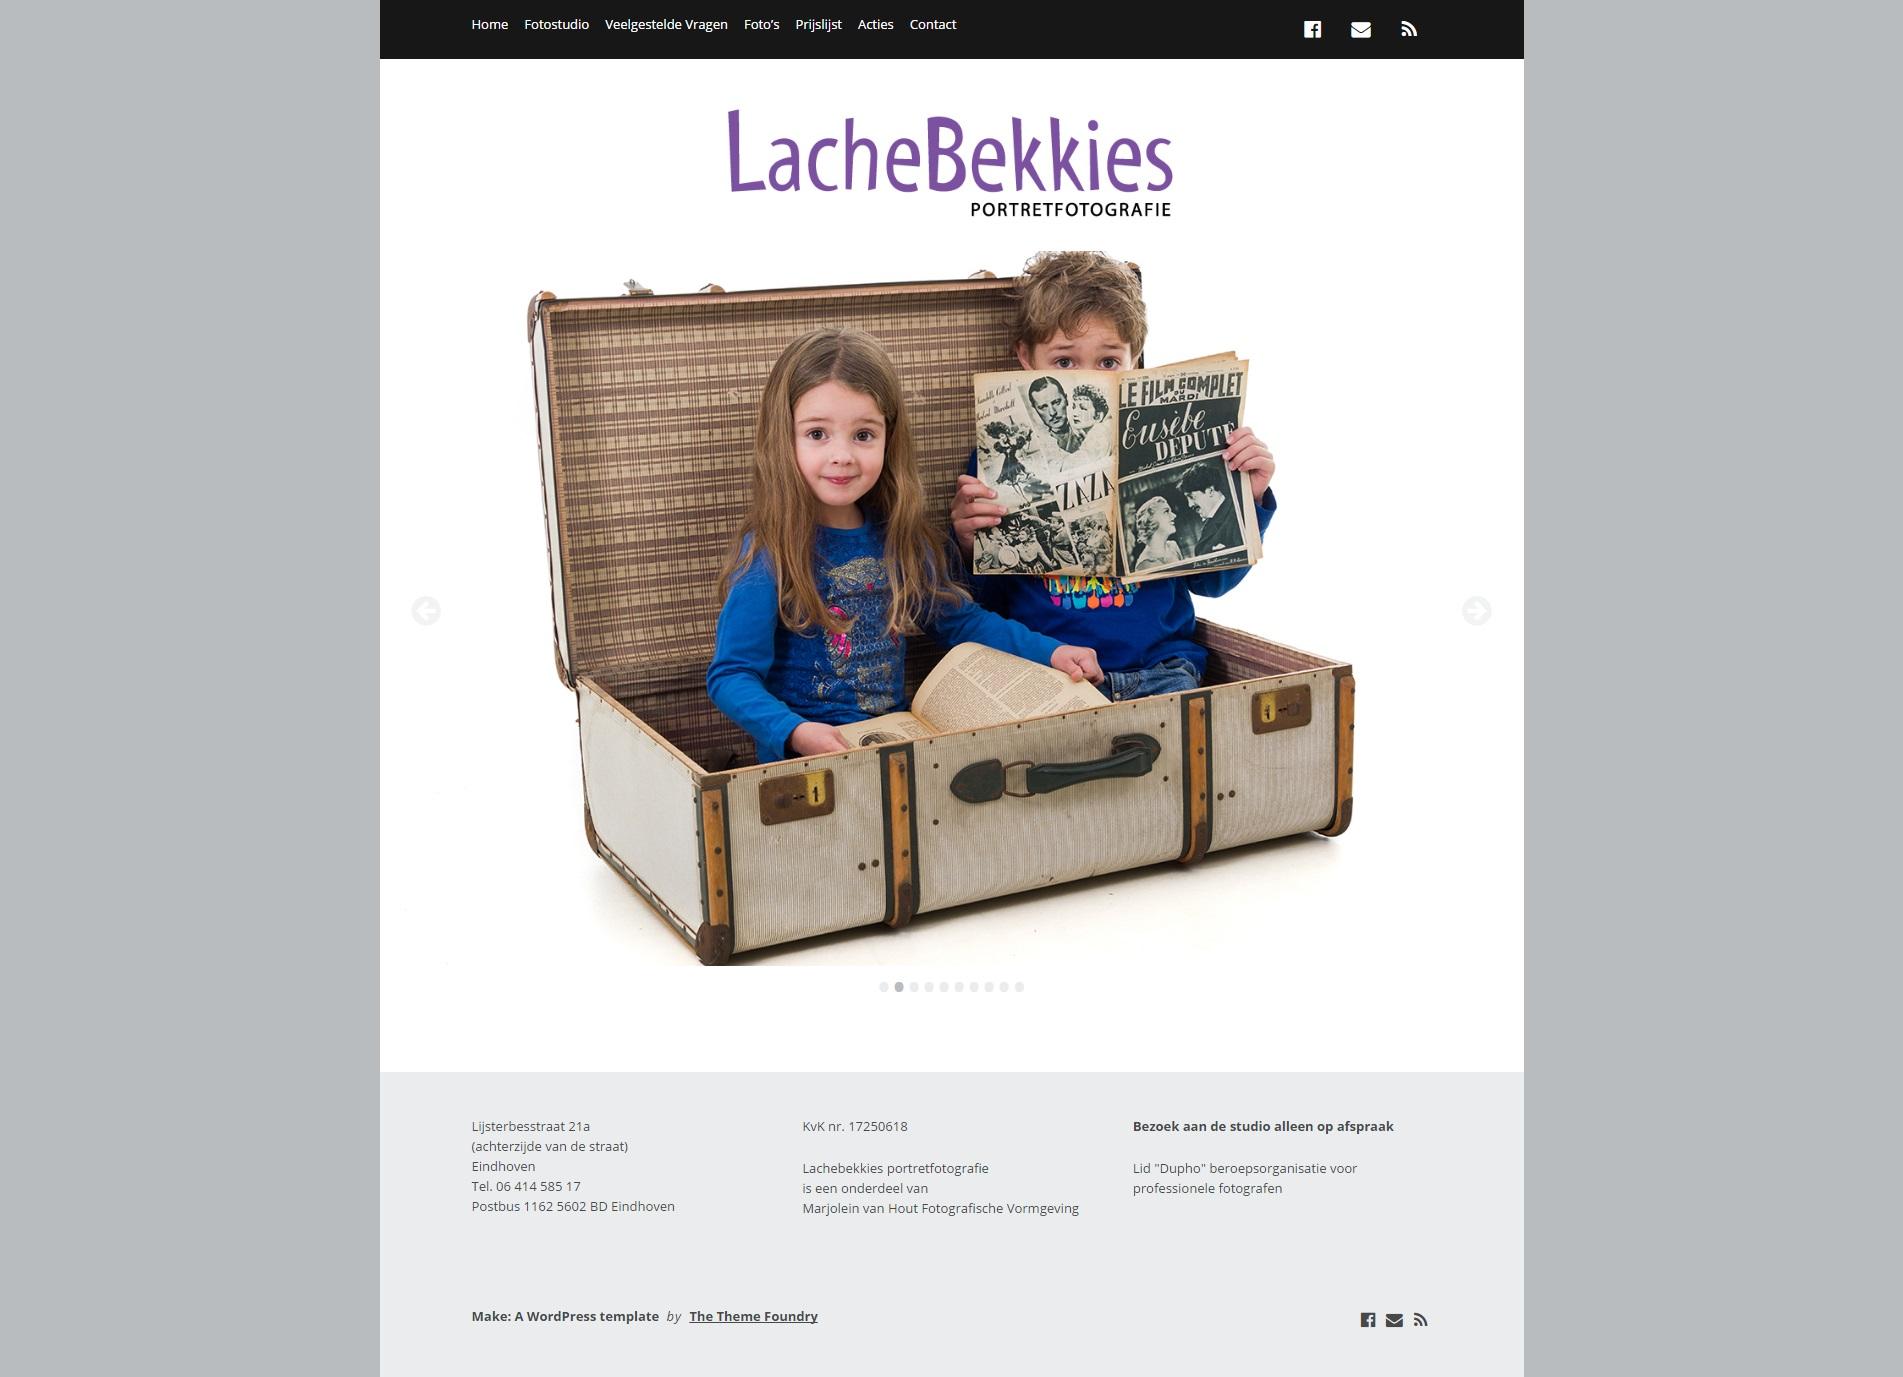 Lachebekkies portretfotografie